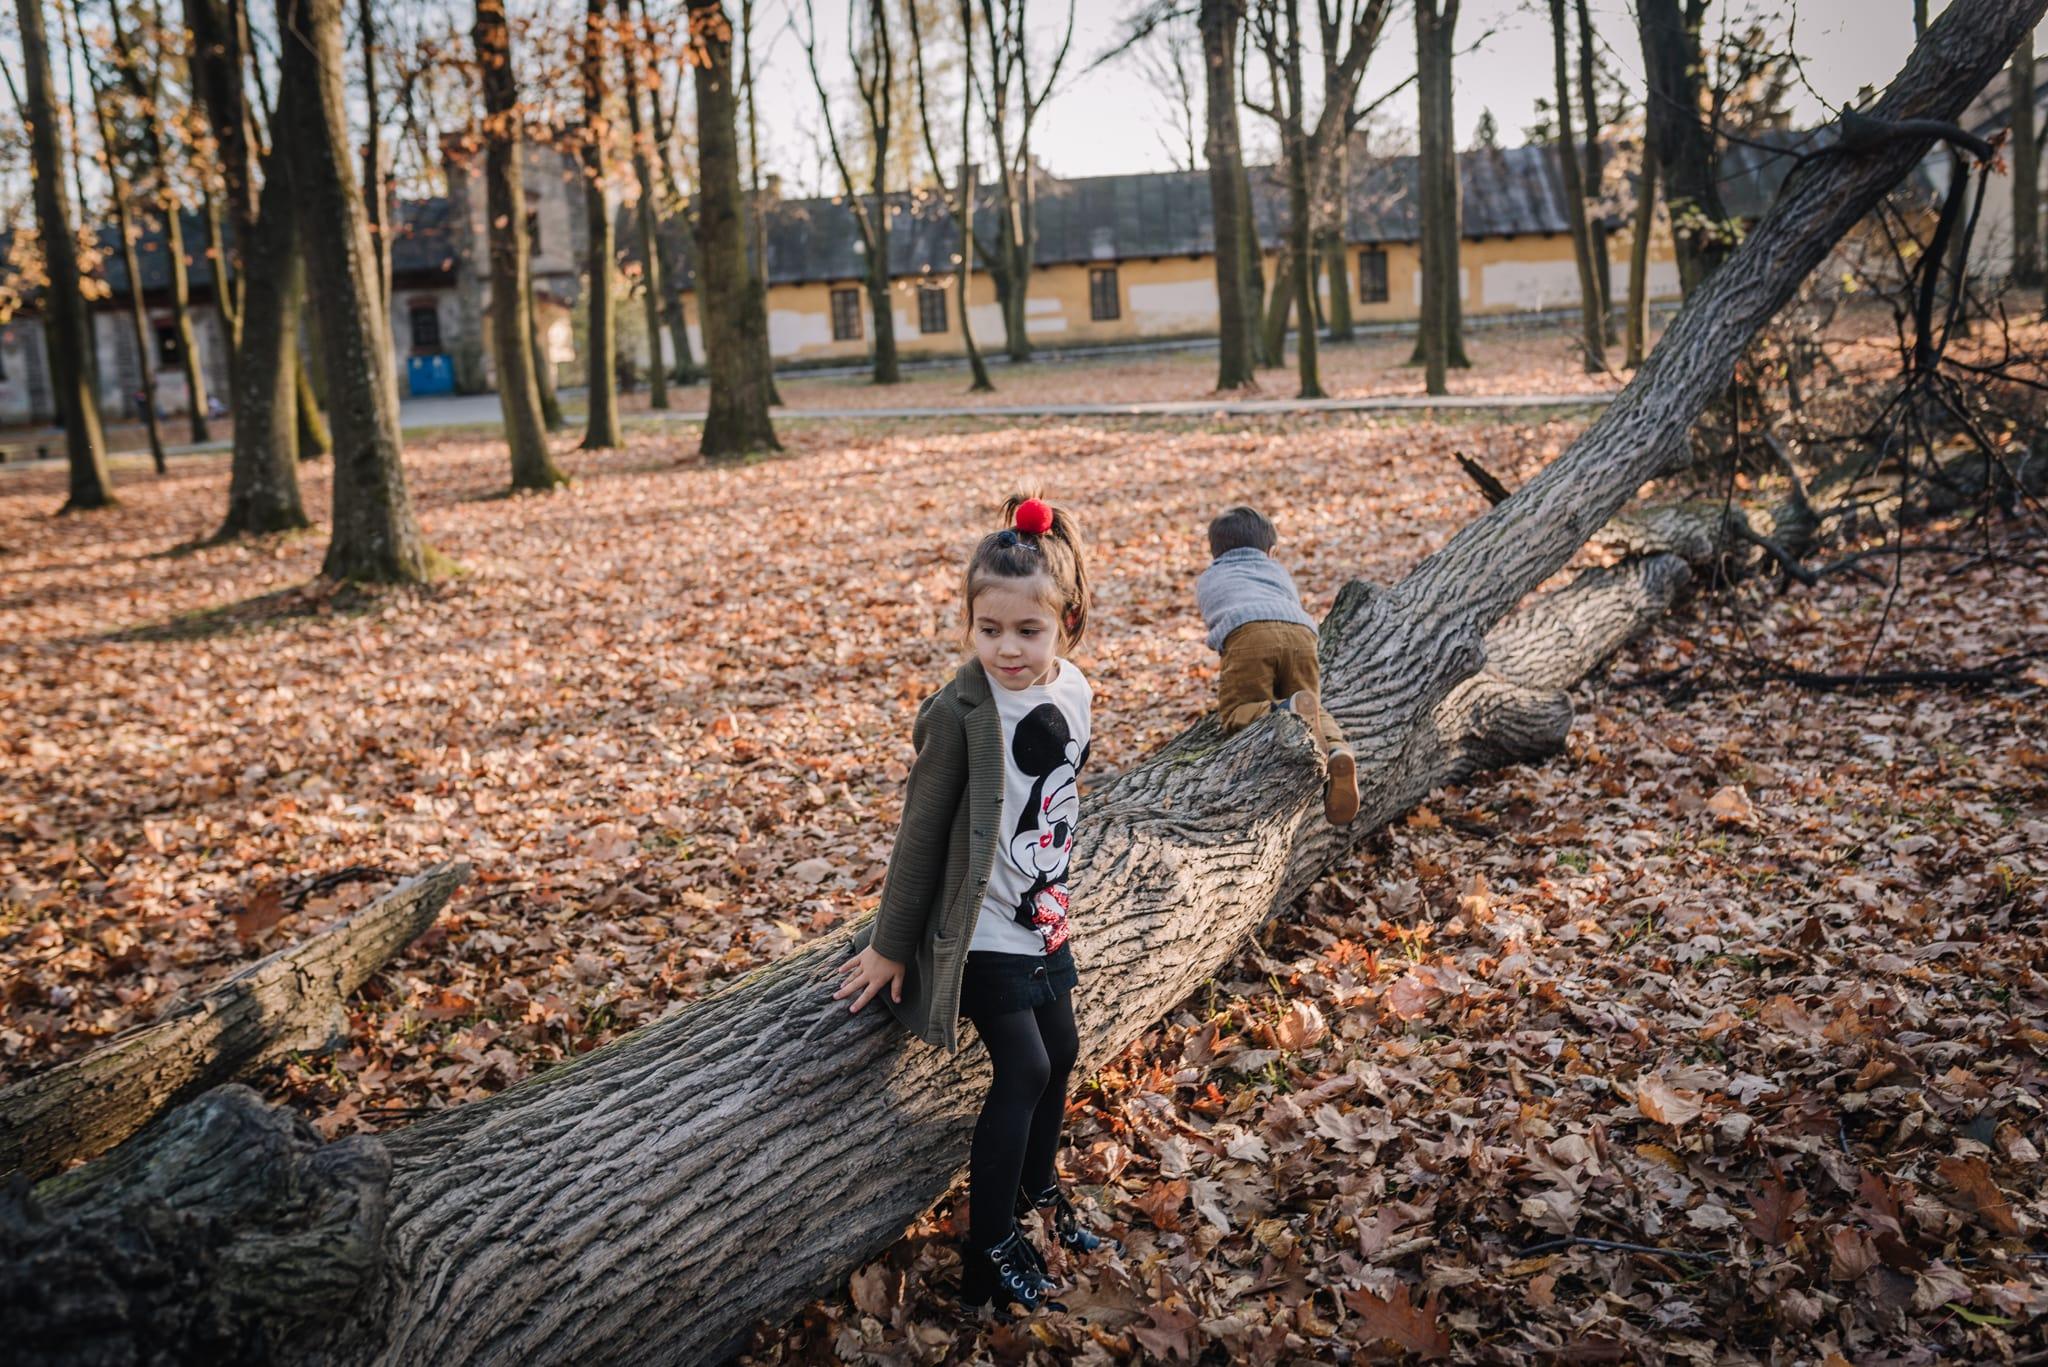 dziewczynka z bratem siedzą na połamanym drzewie